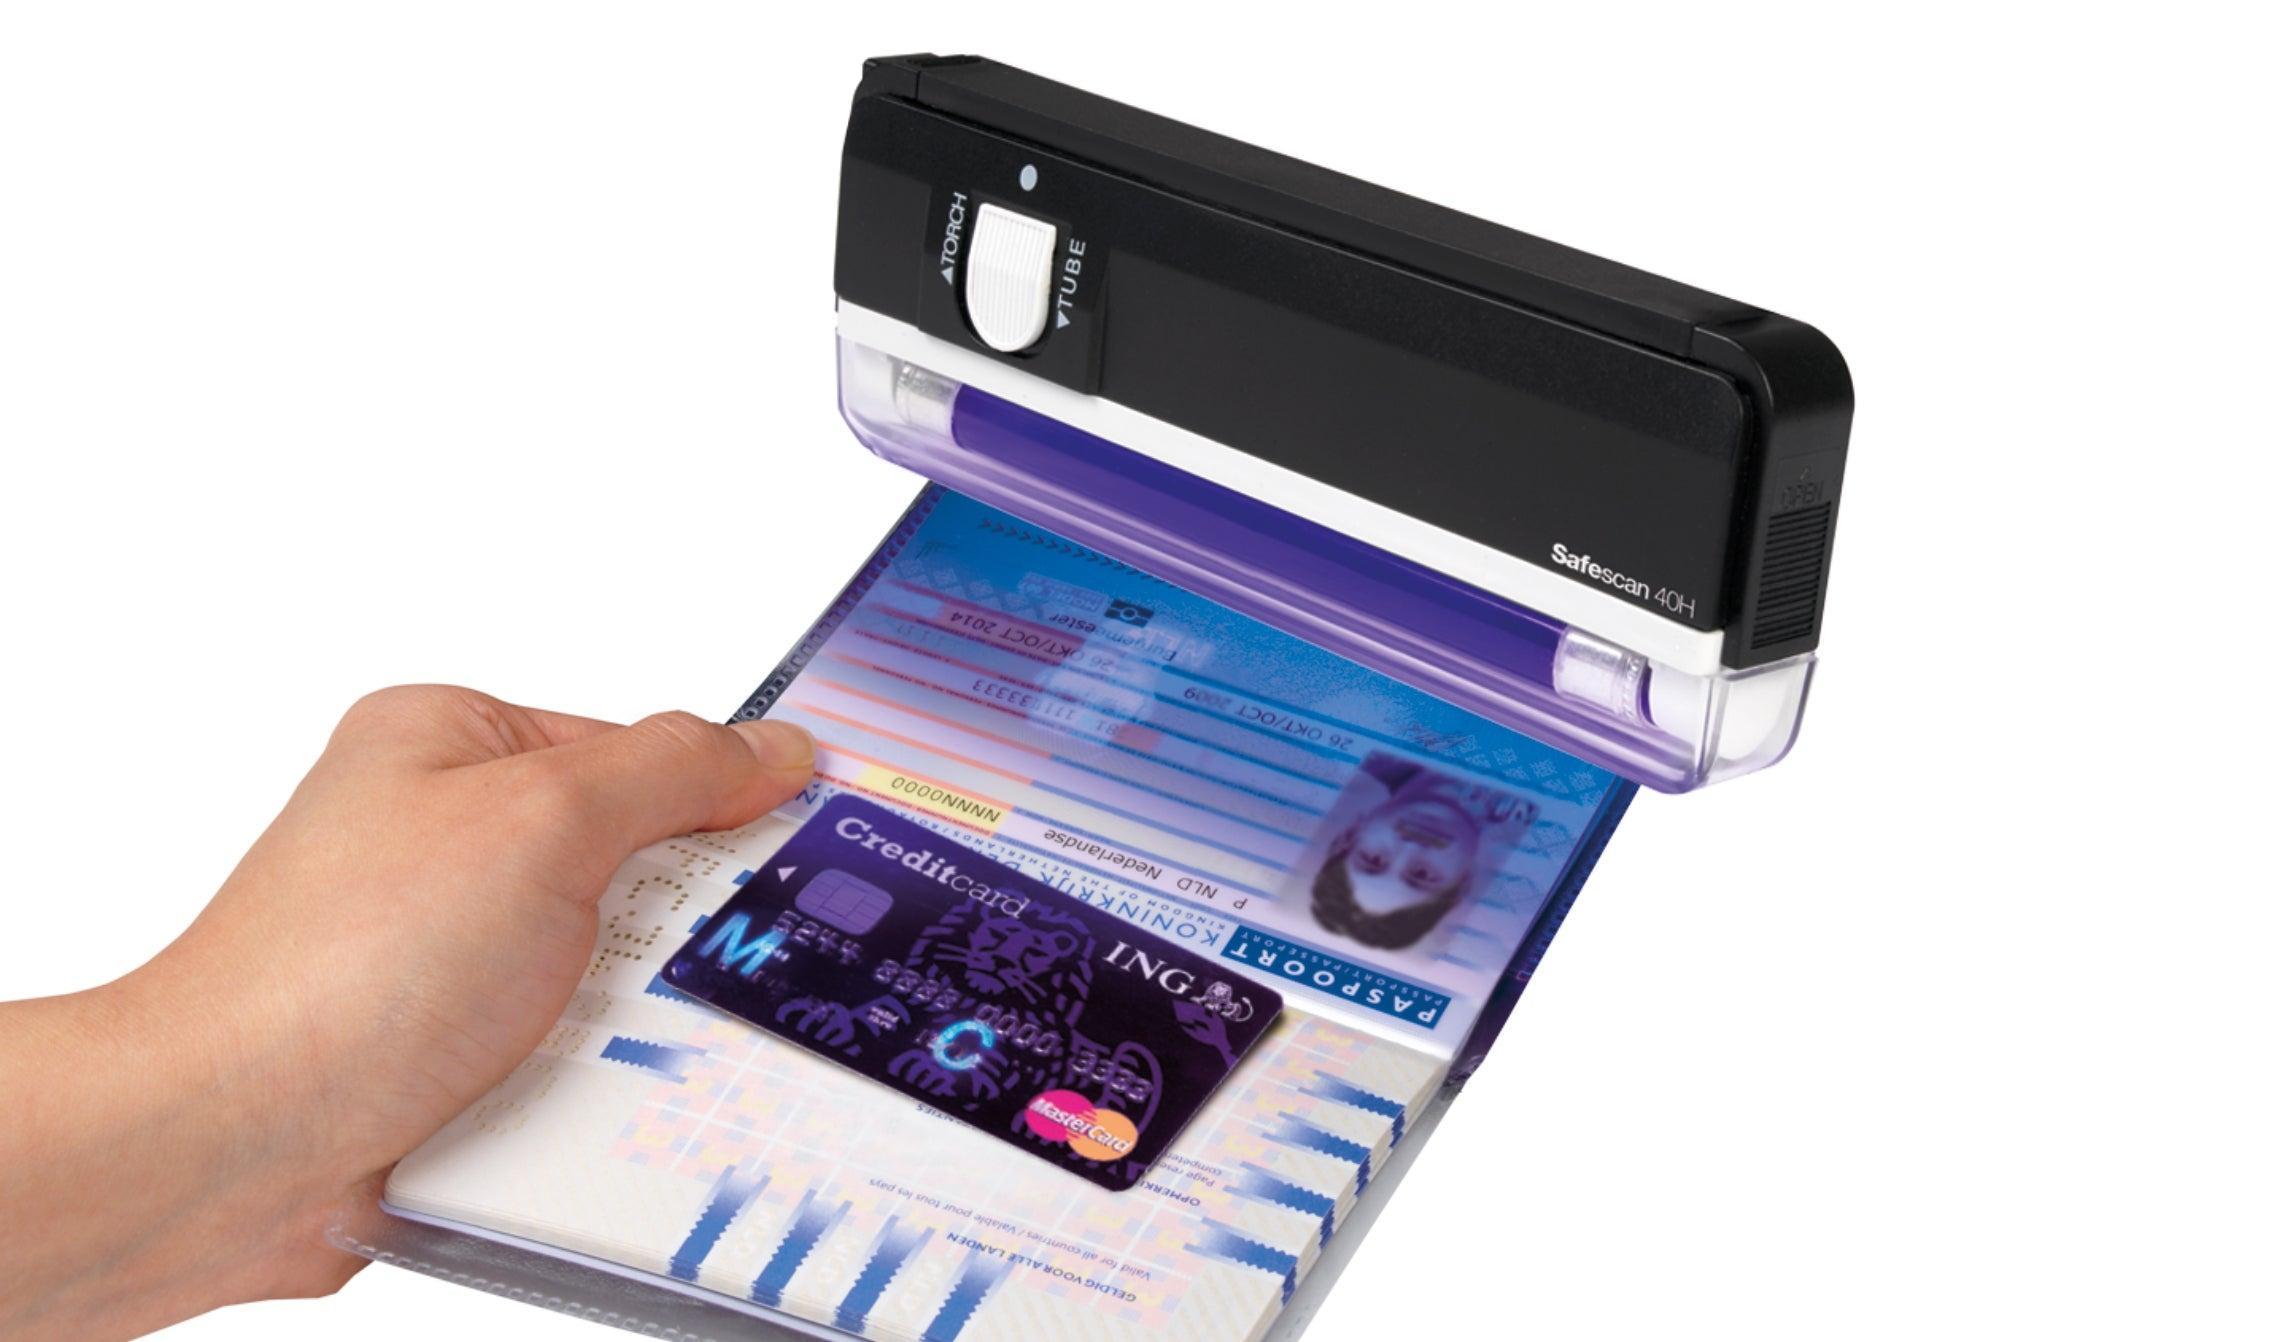 safescan-40h-portable-fake-money-detector